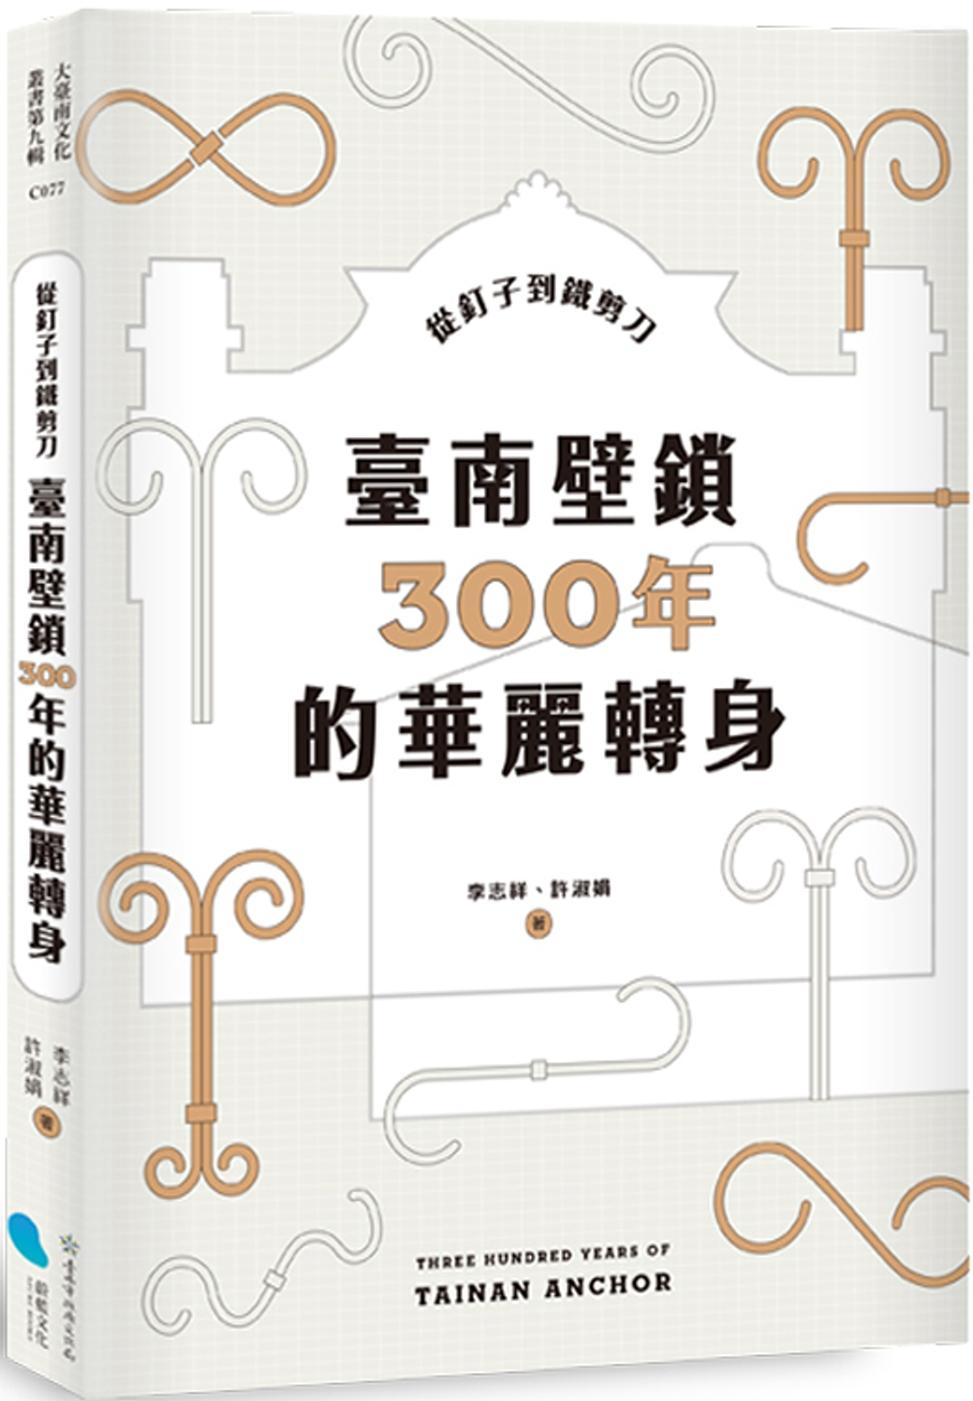 從釘子到鐵剪刀:臺南壁鎖300...